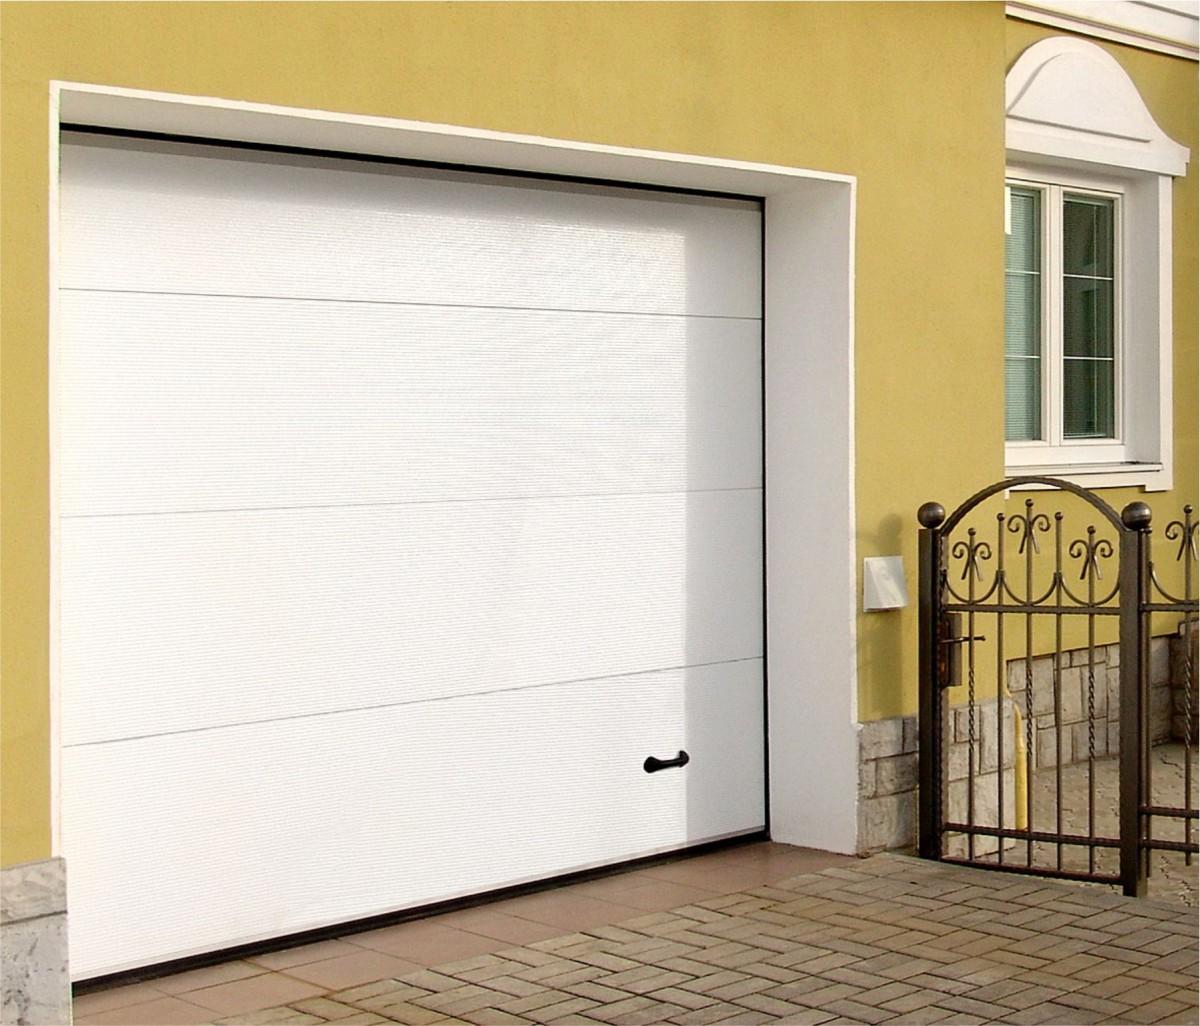 дюкана какие бывают гаражные ворота фото фото загранпаспорт портале